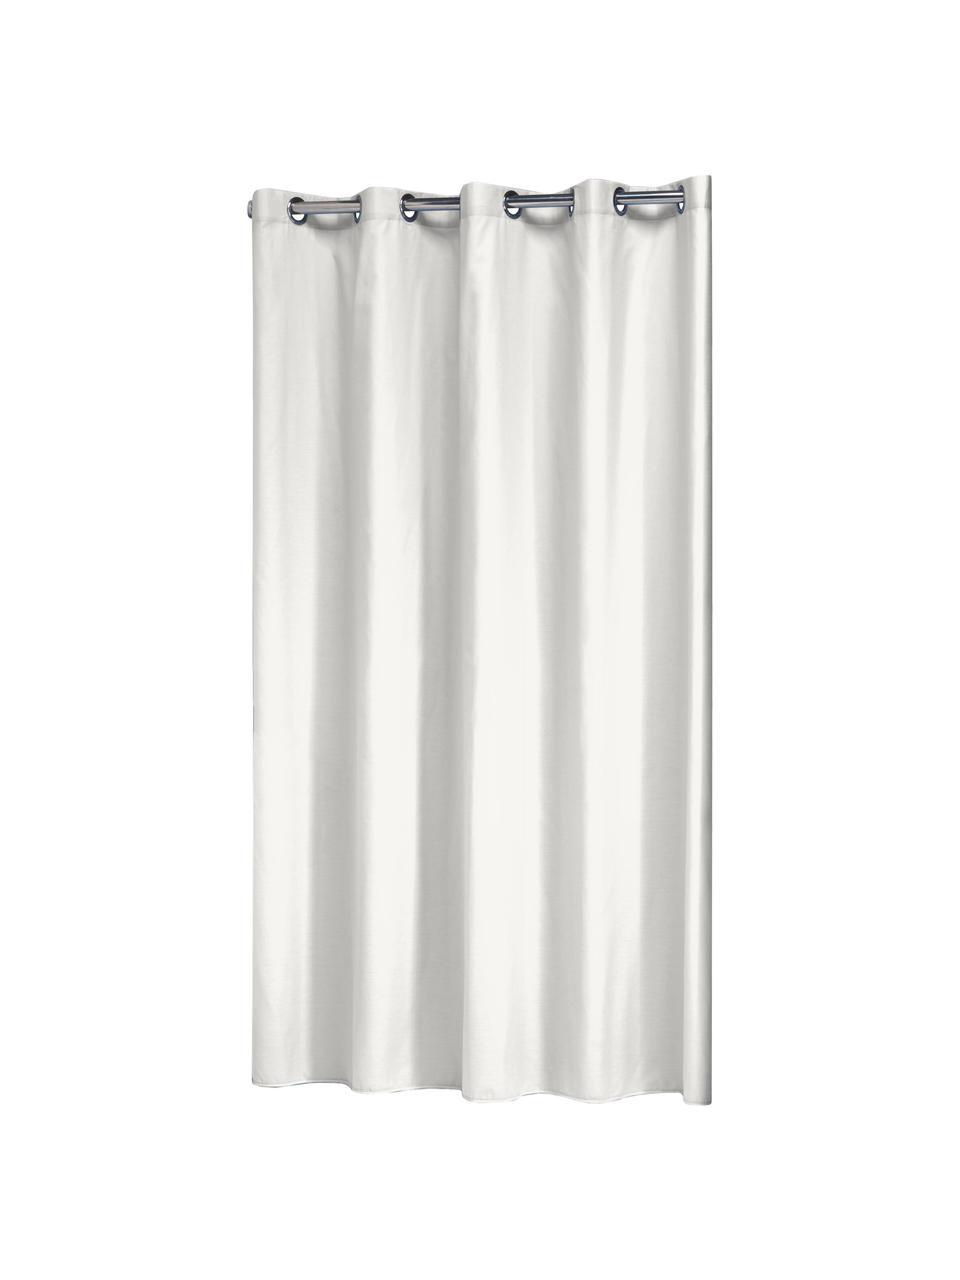 Duschvorhang Coloris aus Baumwoll-Mix, Gebrochenes Weiß, 180 x 200 cm